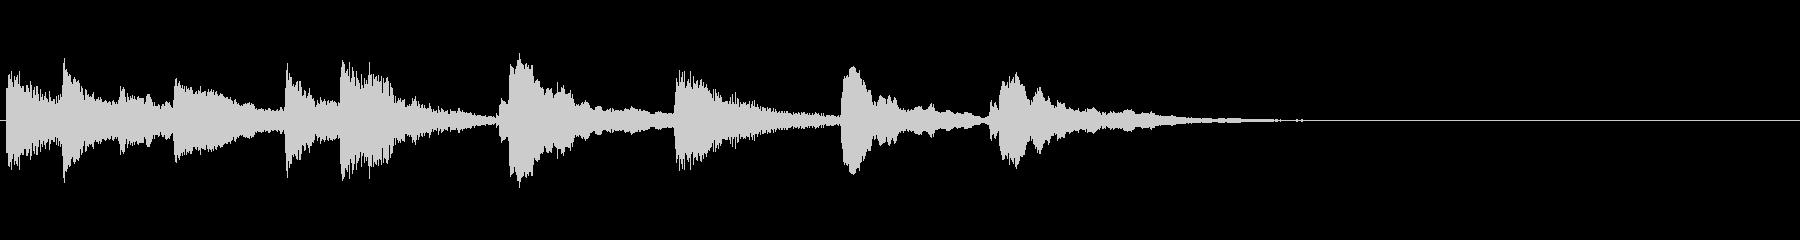 木琴2台で可愛く終止感または場面転換の未再生の波形